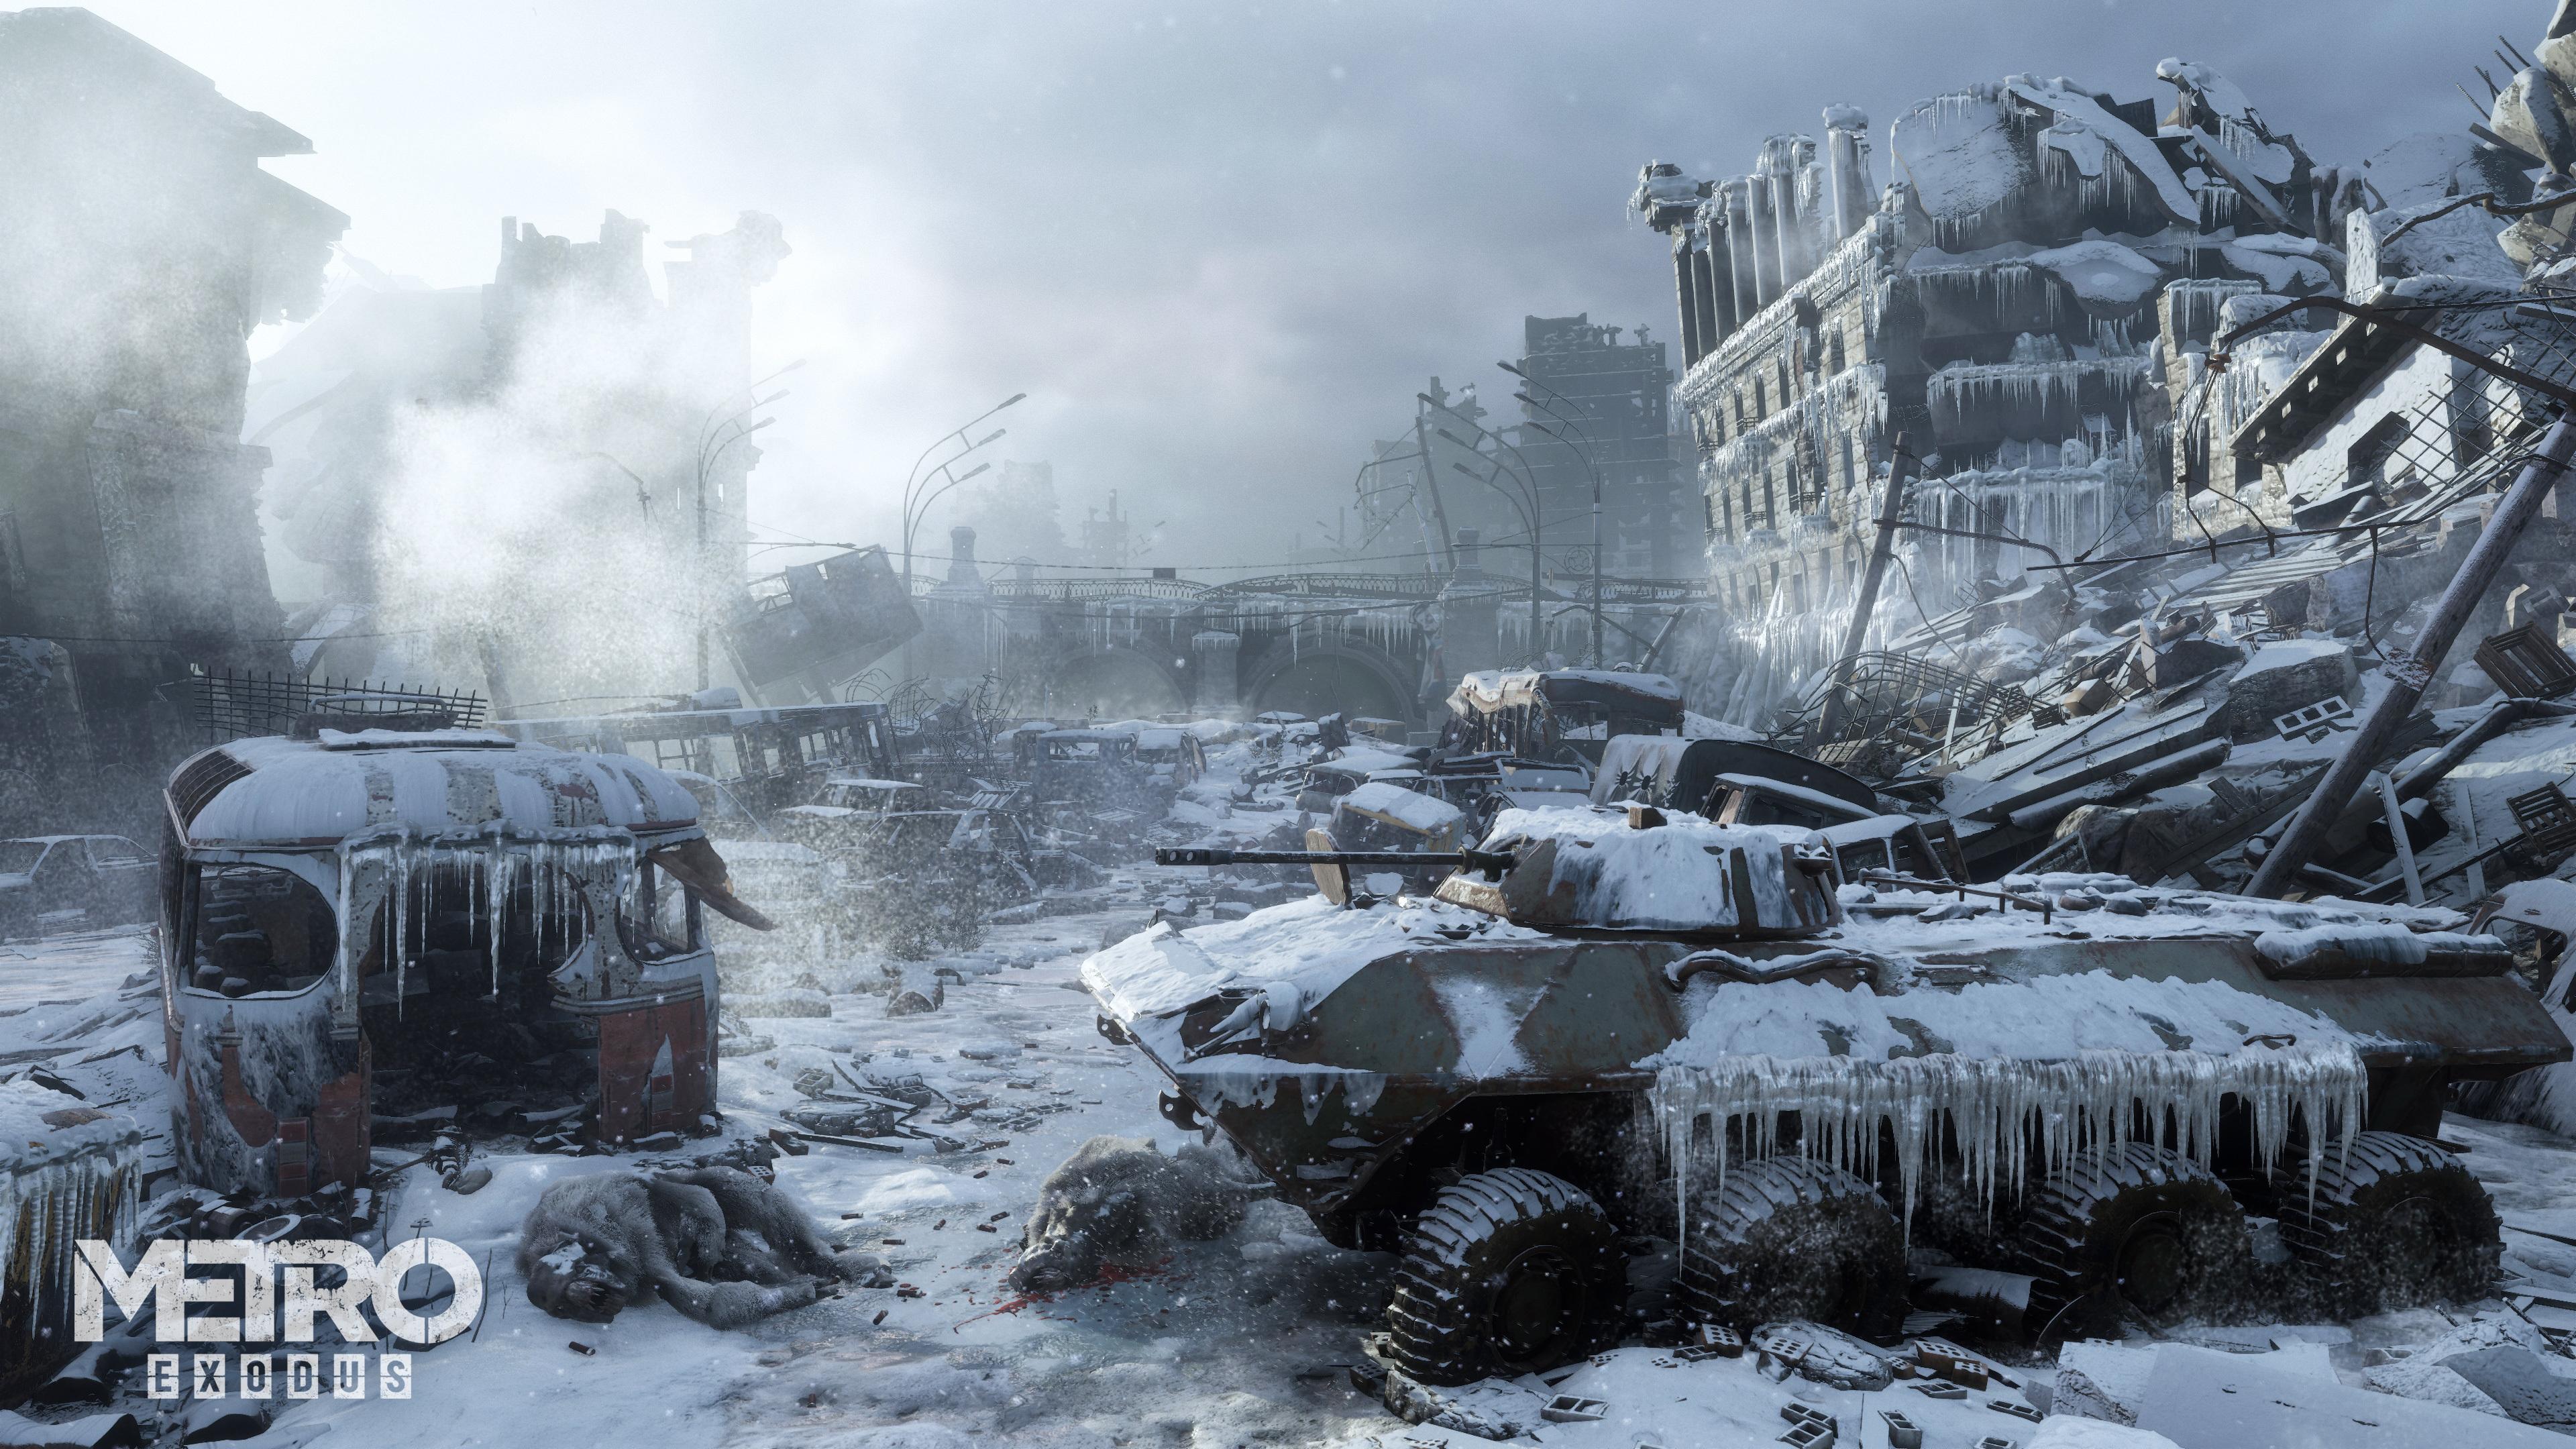 Exodus выйдет нанеделю ранее доэтого — Игра Metro